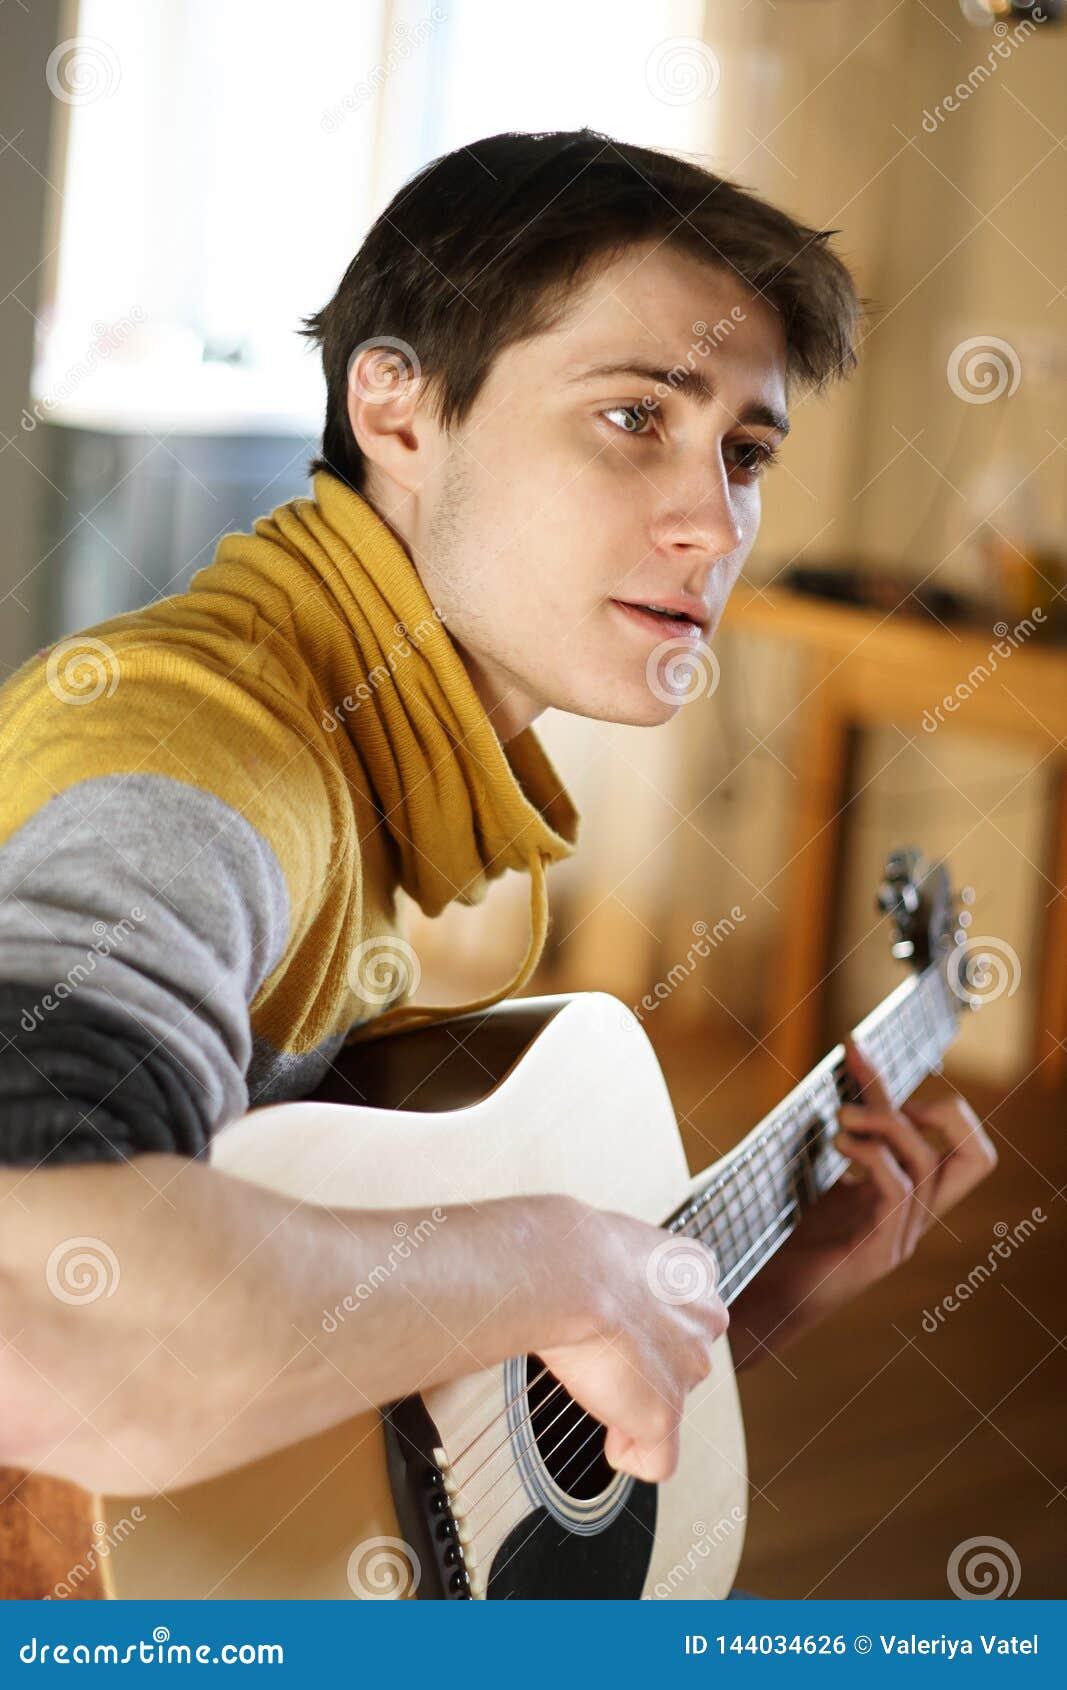 En grabb i en gul tröja sjunger en sång som spelar på hans gitarr